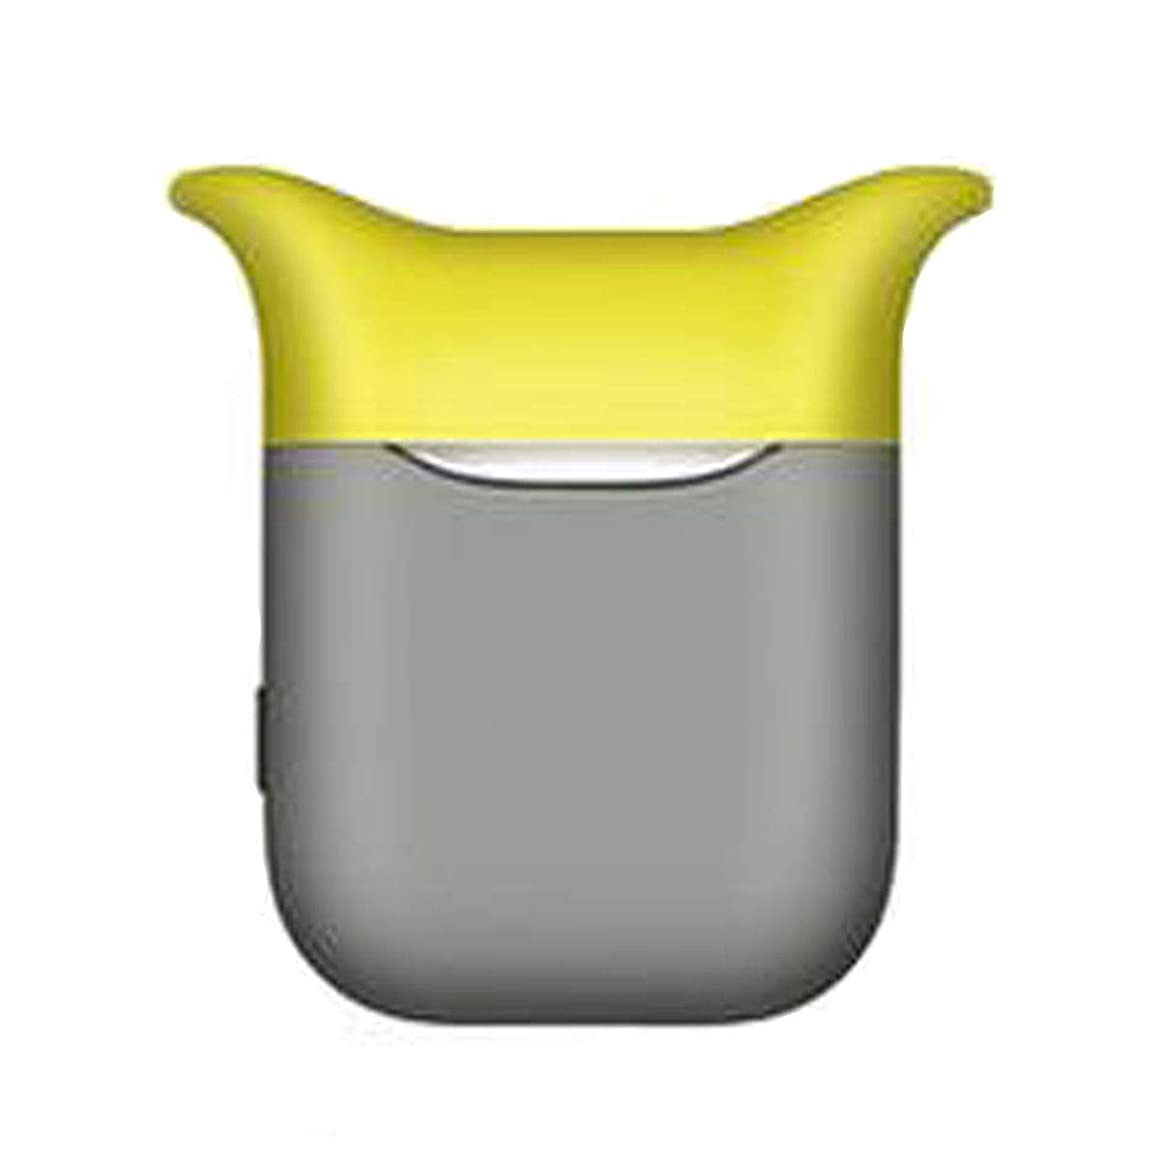 先にアウターフェリーHongyuantongxun001 ヘッドフォンカバー、シリコンAirPodsカバーアンチドロップワイヤレスBluetoothヘッドセット収納ボックスアンチロストストラップアクセサリー、イエローグレー、ピンクホワイト、レッドブラック 美しい (Color : Yellow gray)